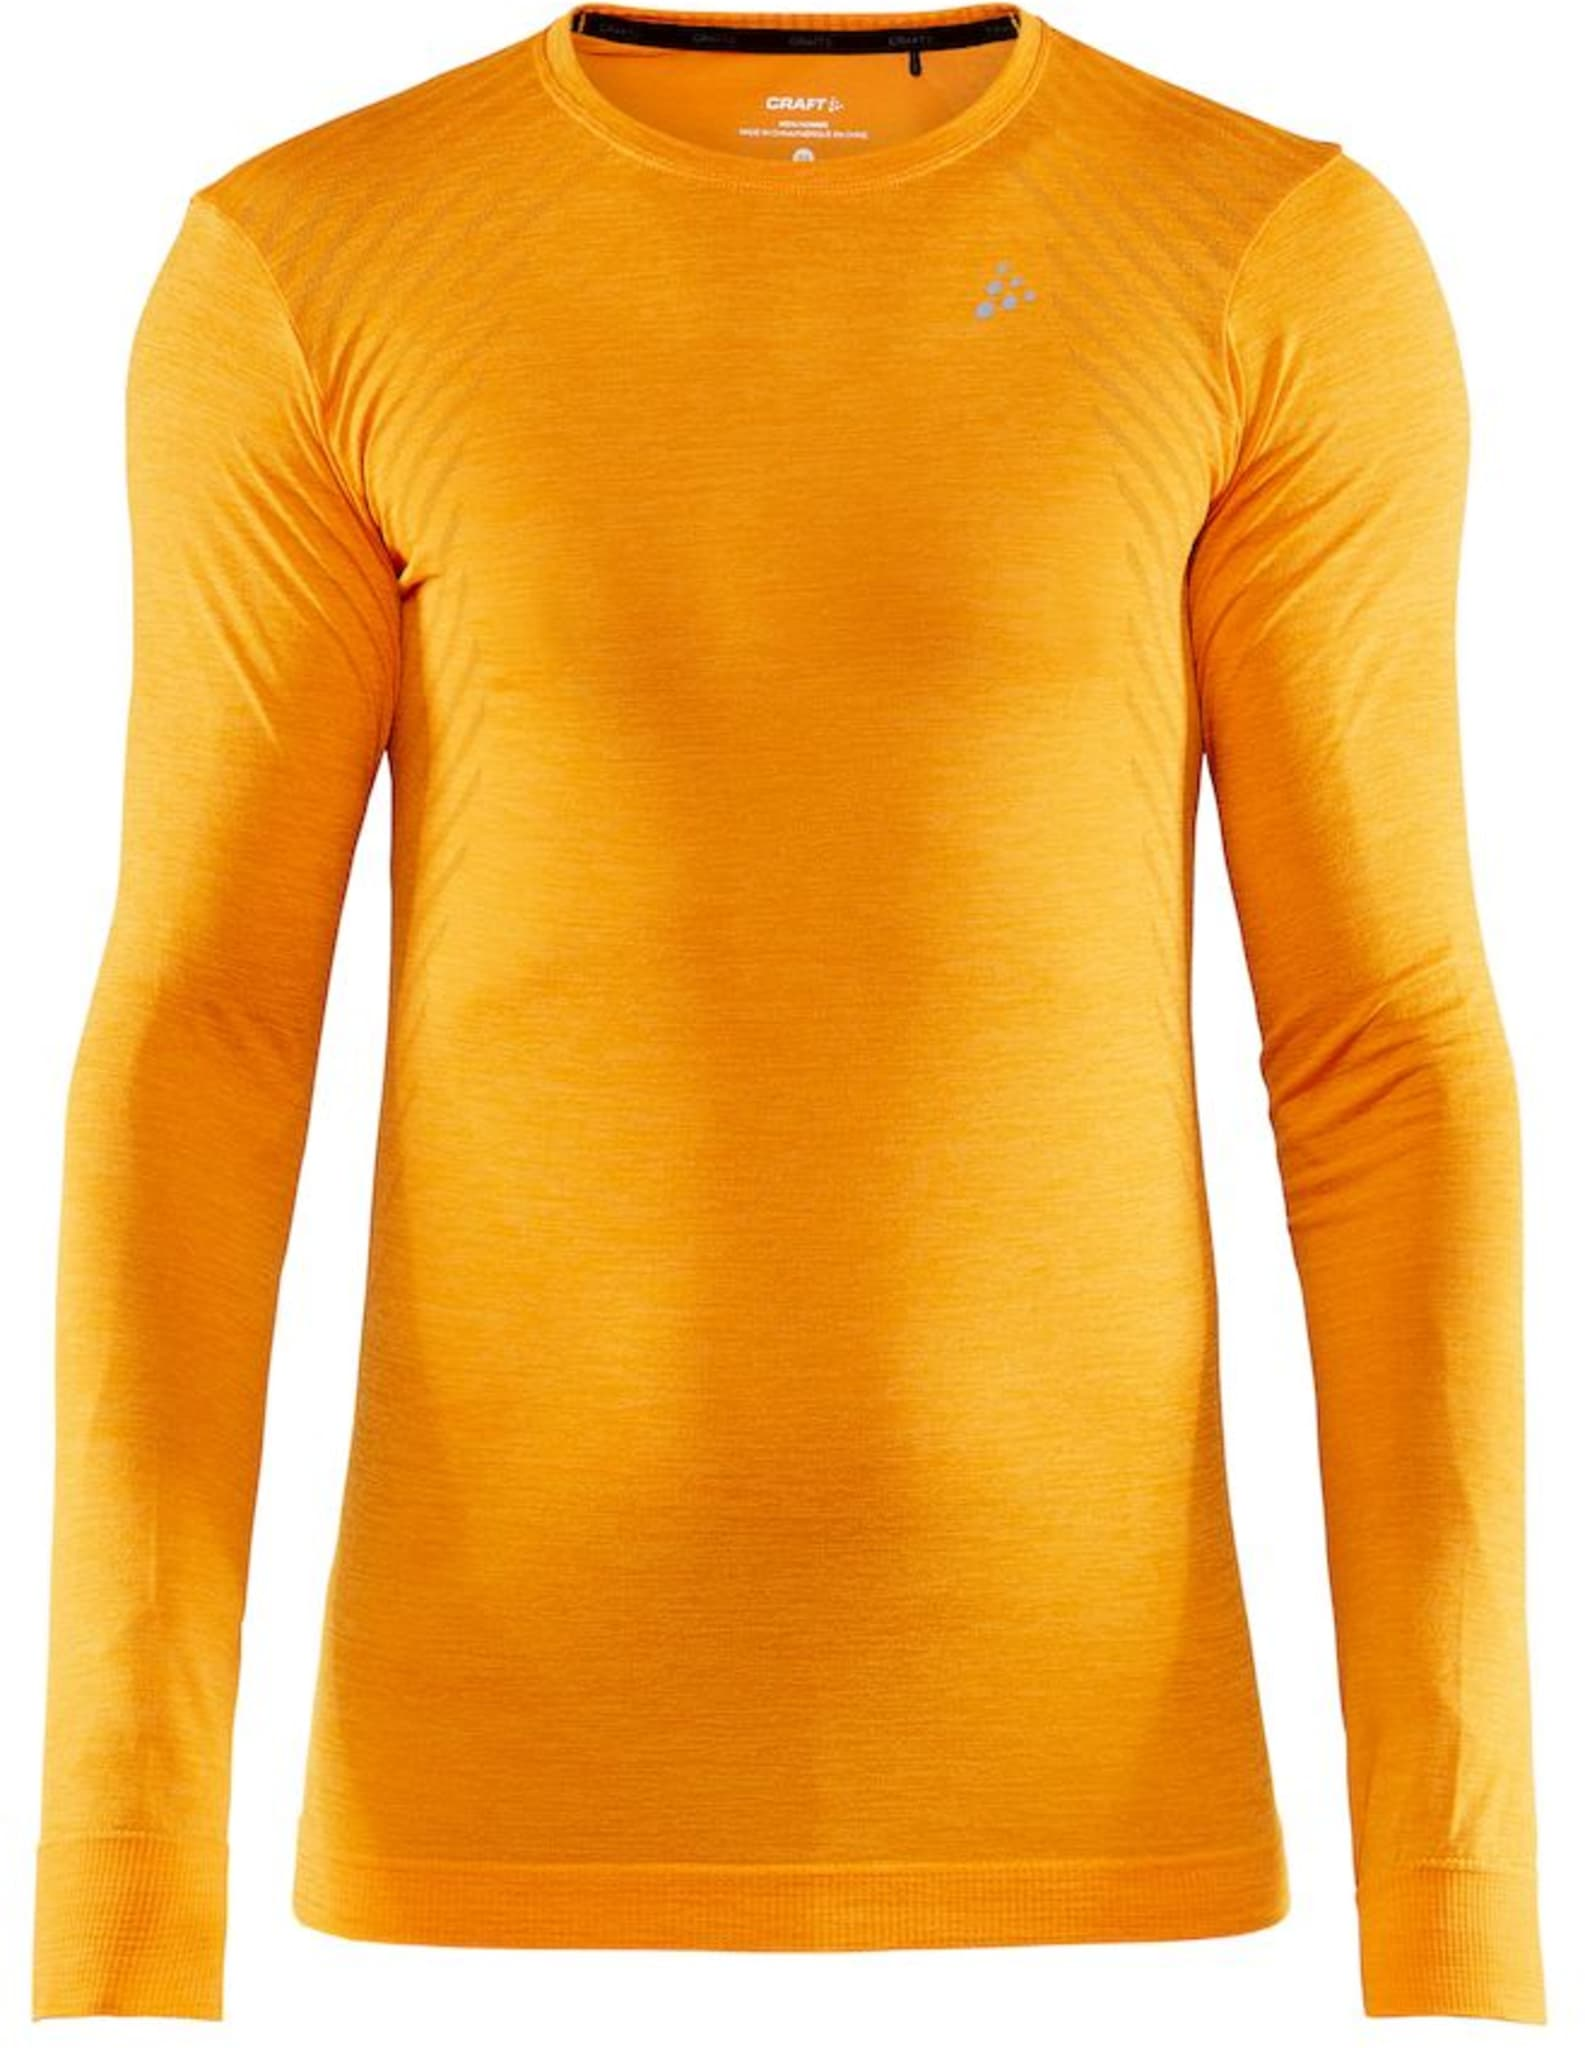 Stilig og meget behagelig trøye fra Craft som kan brukes til mange former for trening!